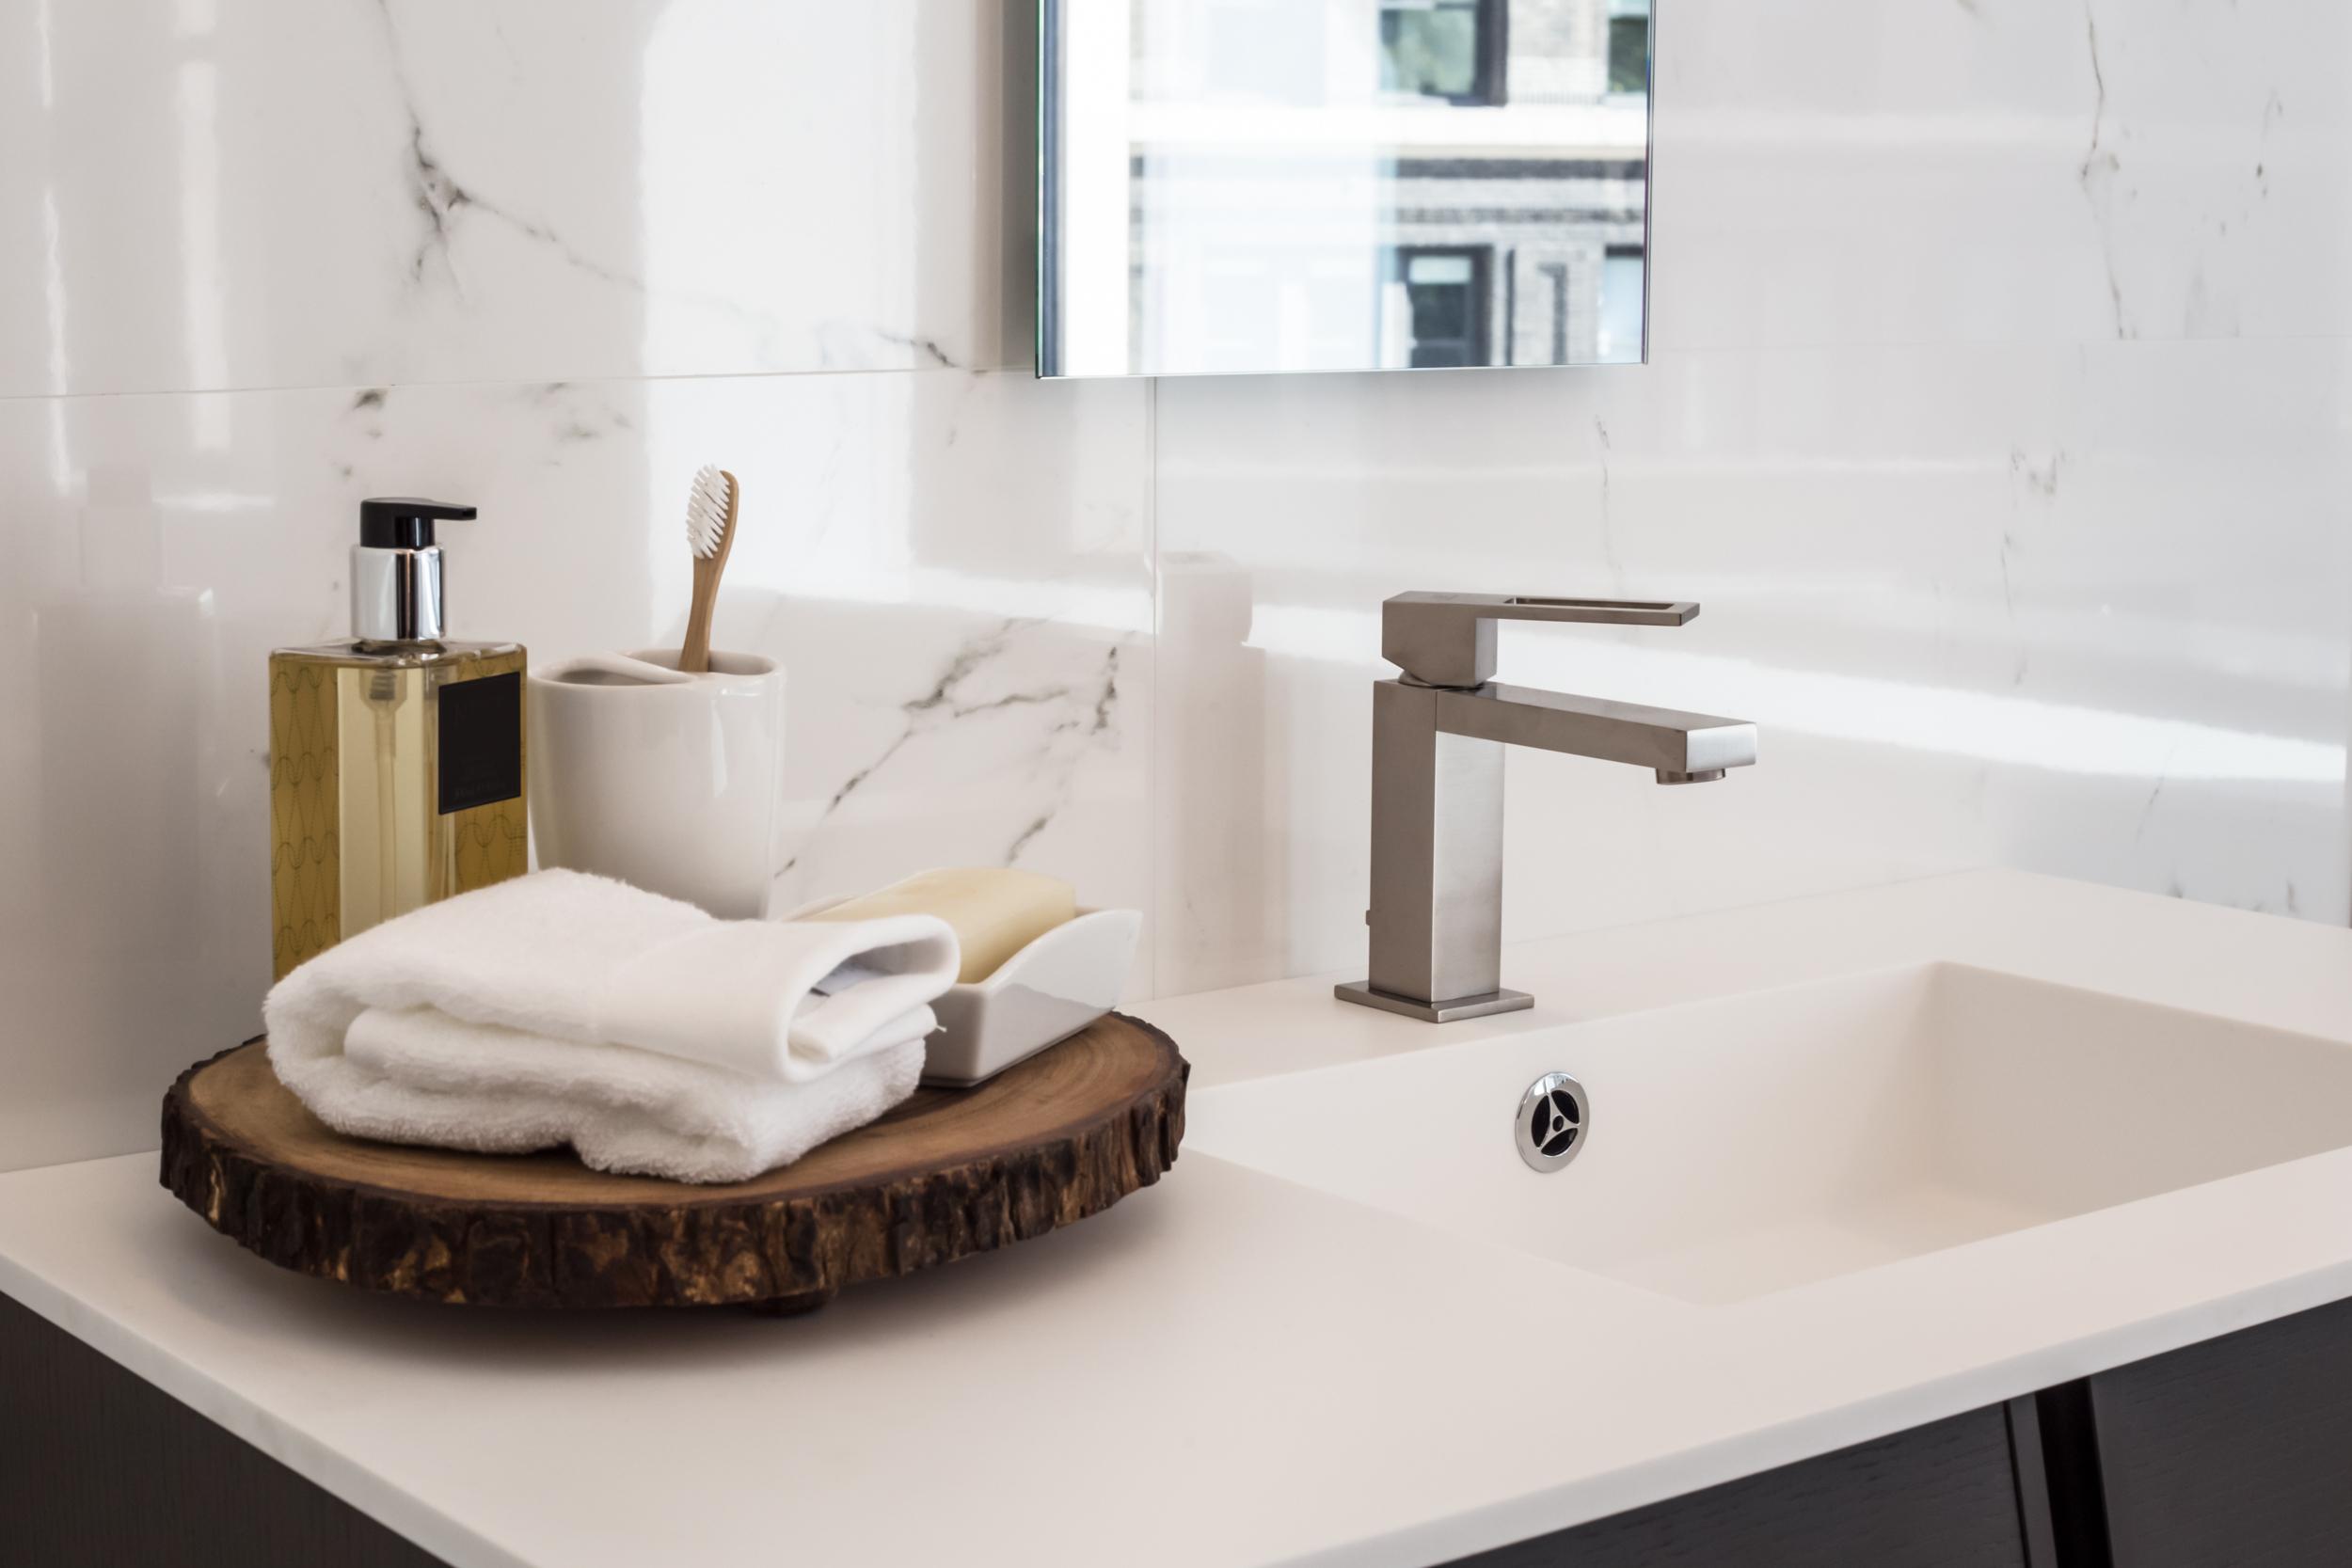 nuove idee e consigli per progettare e arredare un bagno